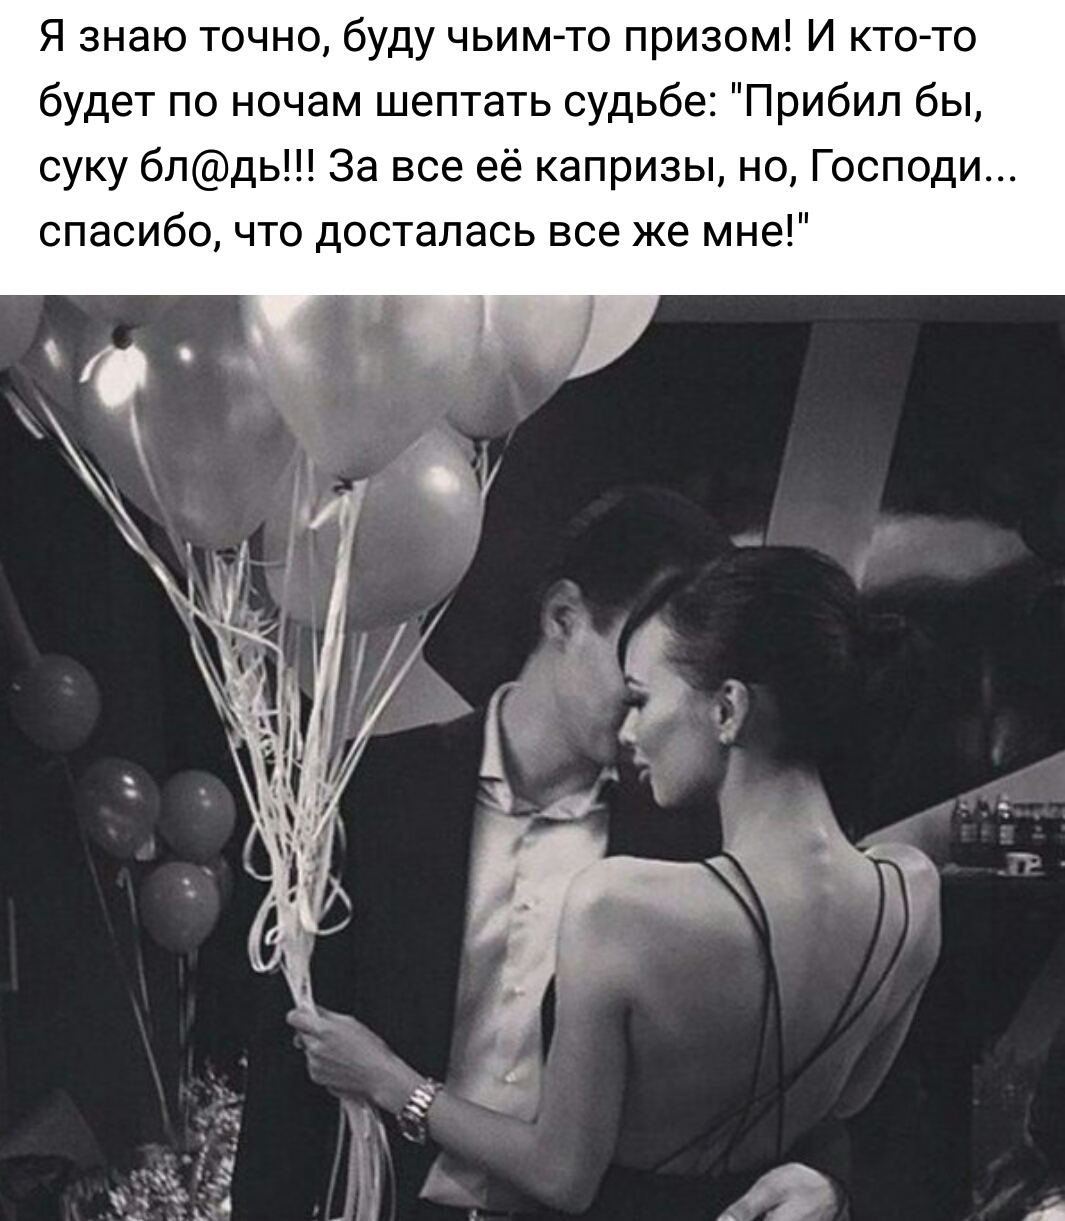 Порно другу и мужу скрытая камера